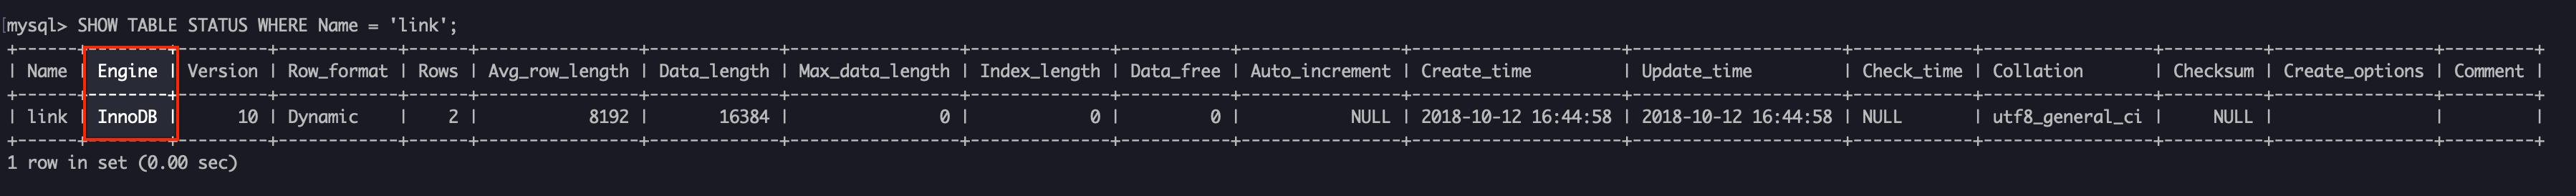 再次检查mysql表存储引擎